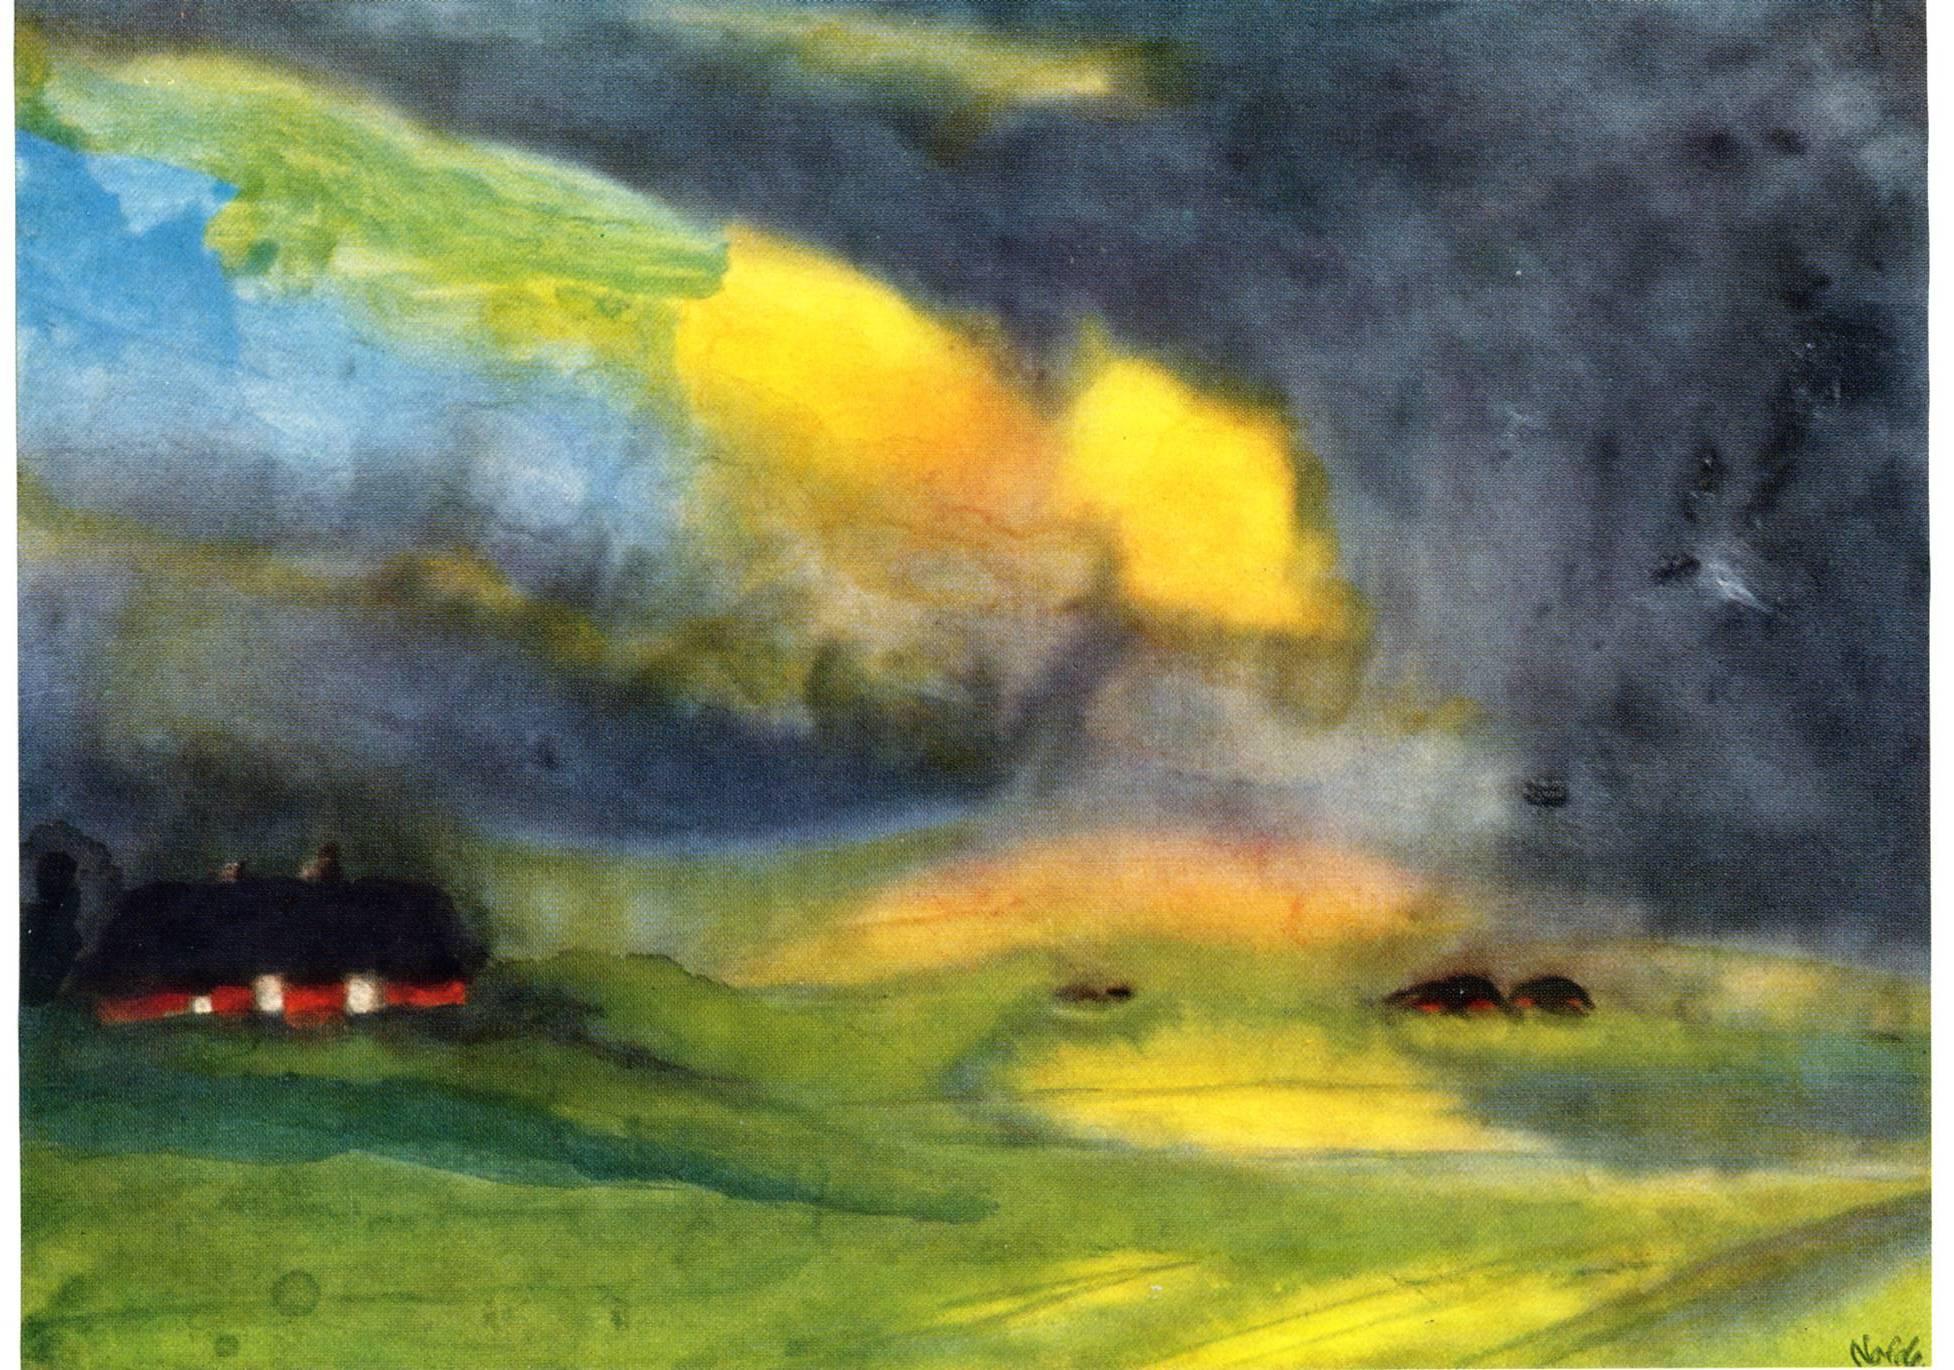 Pintura: Emil Nolde